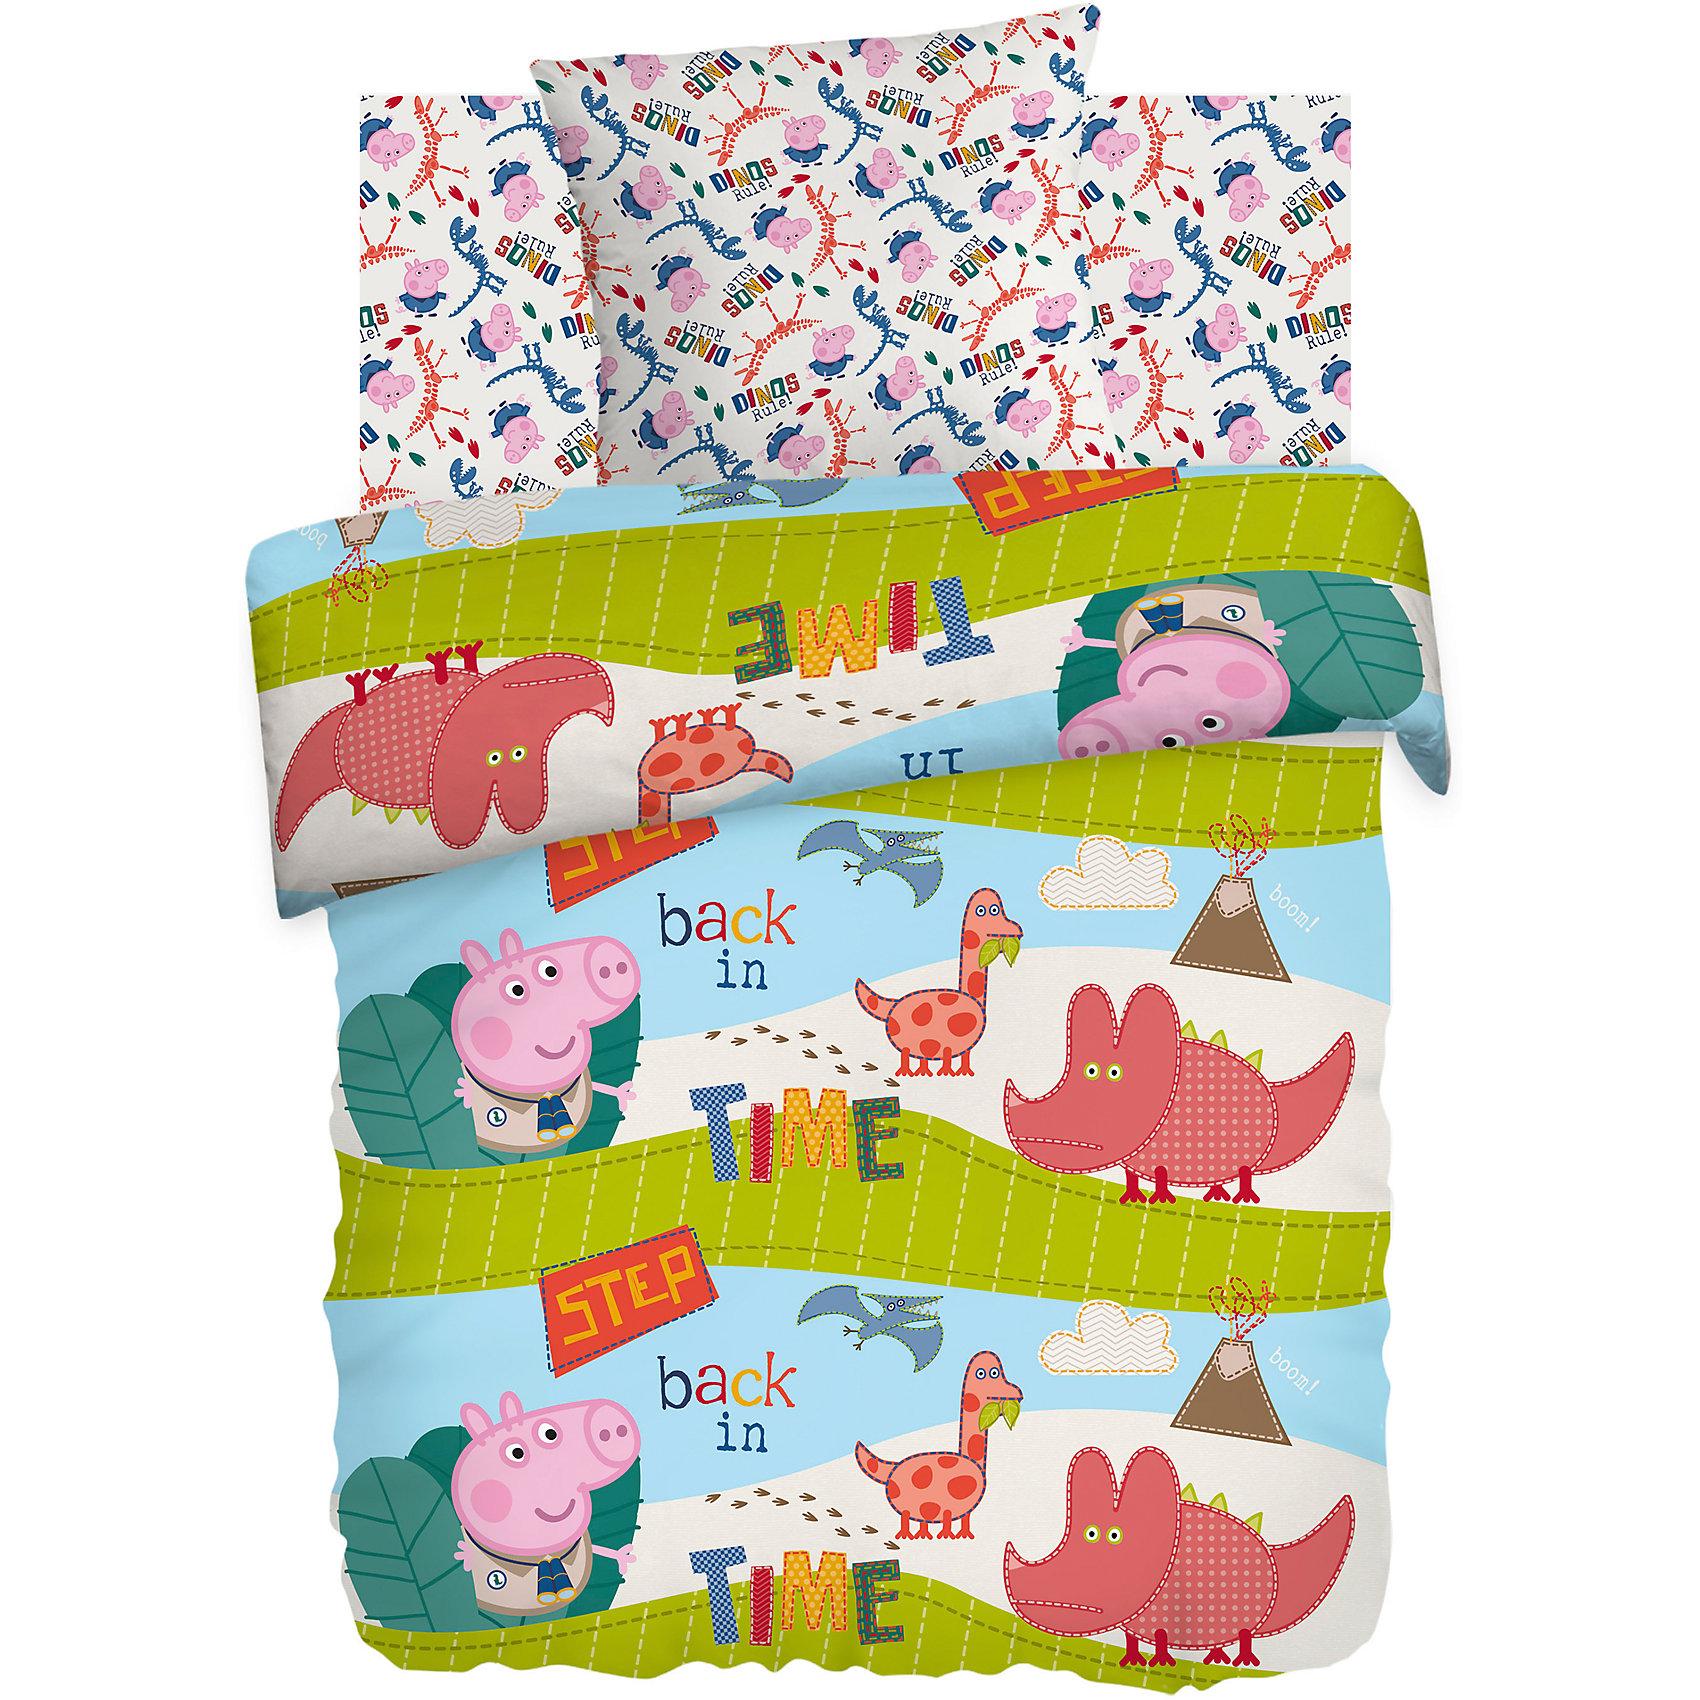 Комплект Диноэра 1,5-спальный (70*70), Свинка ПеппаСвинка Пеппа<br>С комплектом постельного белья Диноэра, Свинка Пеппа, Ваш ребенок с удовольствием будет укладываться в свою кроватку и видеть чудесные сказочные сны. Красочный комплект украшен изображениями забавного поросенка Джорджа и его любимых динозавриков из популярного мультсериала Свинка Пеппа. Материал представляет собой качественную плотную бязь, очень комфортную и приятную на ощупь. Ткань отвечает всем экологическим нормам безопасности, дышащая, гипоаллергенная, не нарушает естественные процессы терморегуляции. Для создания красочных рисунков используются специальные красители без вредных веществ. При стирке белье не линяет, не деформируется и не теряет своих красок даже после многочисленных стирок.<br><br><br>Дополнительная информация:<br><br>- Размер комплекта: полутораспальный.<br>- Тип ткани: бязь (100% хлопок).<br>- В комплекте: 1 наволочка, 1 пододеяльник, 1 простыня.<br>- Размер пододеяльника: 143 х 215 см.<br>- Размер наволочки: 70 х 70 см.<br>- Размер простыни: 150 х 214 см.<br>- Размер упаковки: 35 х 7 х 25 см.<br>- Вес: 1,2 кг. <br><br>Детский комплект Диноэра, 1,5-спальный, Свинка Пеппа, можно купить в нашем интернет-магазин.<br><br>Ширина мм: 214<br>Глубина мм: 150<br>Высота мм: 2<br>Вес г: 1200<br>Возраст от месяцев: 36<br>Возраст до месяцев: 144<br>Пол: Унисекс<br>Возраст: Детский<br>SKU: 4722094